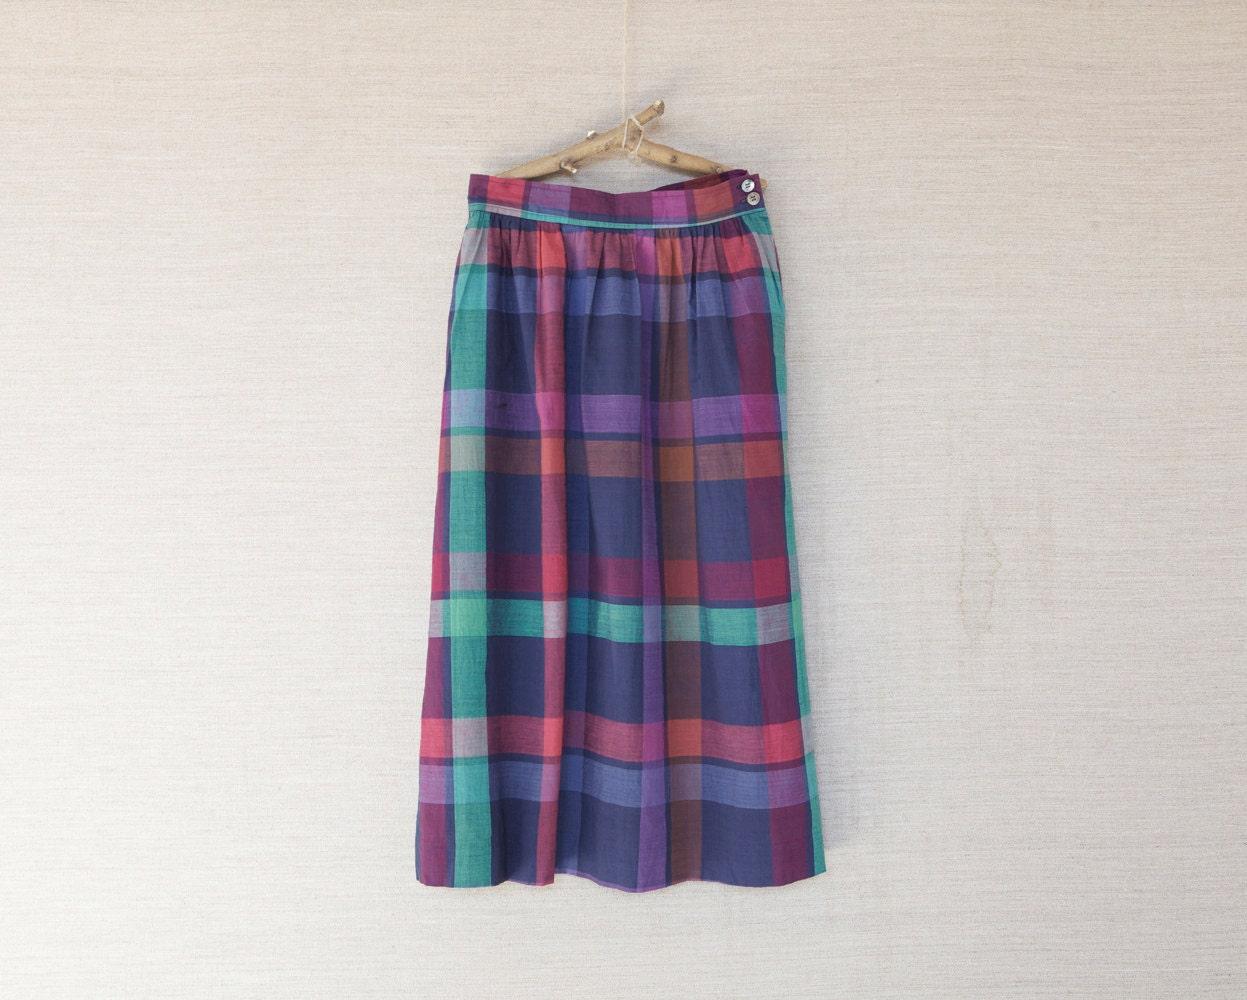 tartan skirt plaid blue skirt cotton skirt by houseofoak